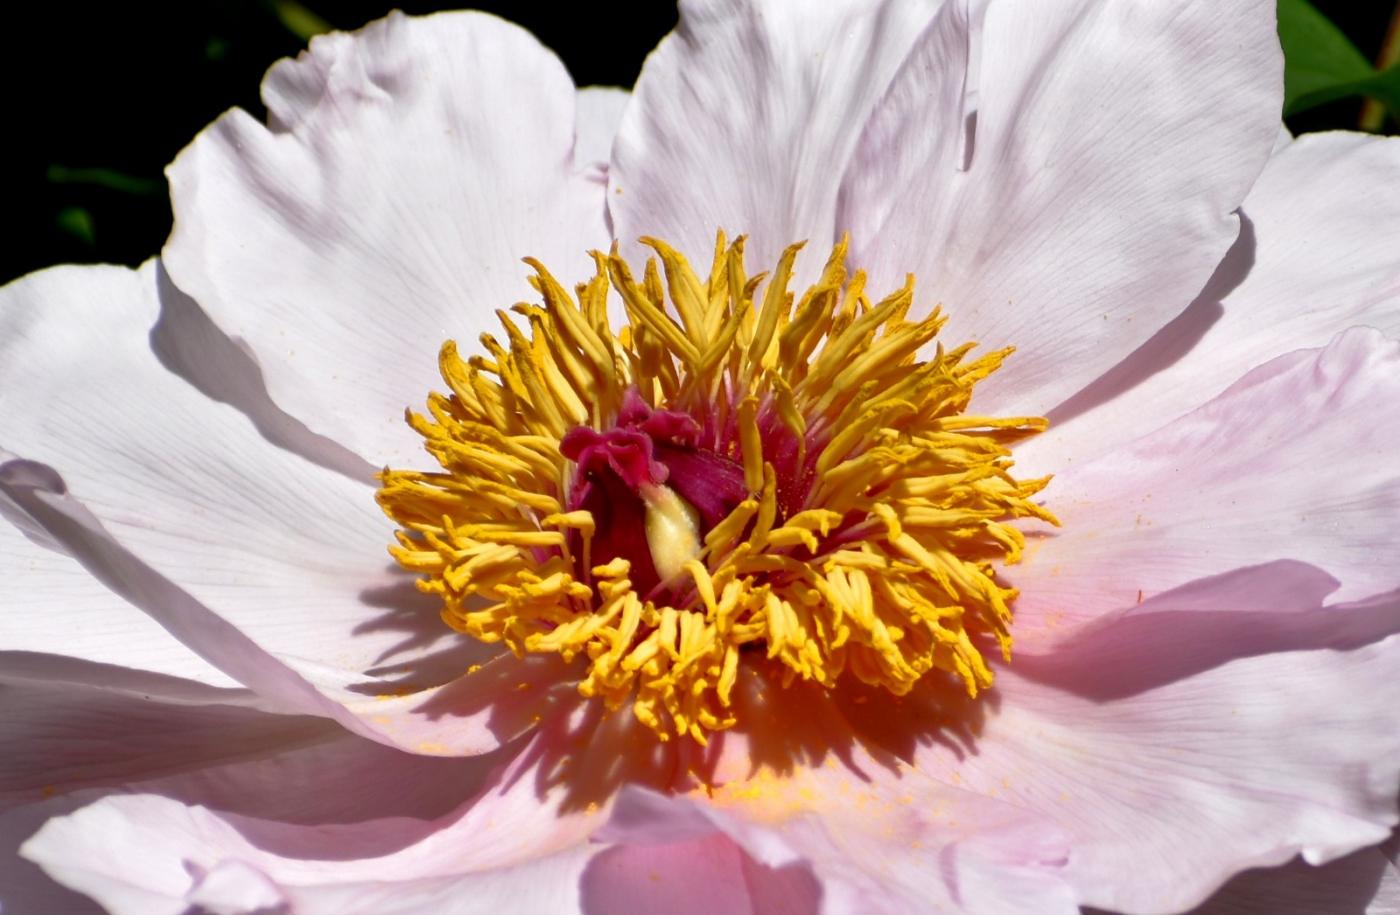 美丽的花蕊 (2)_图1-19